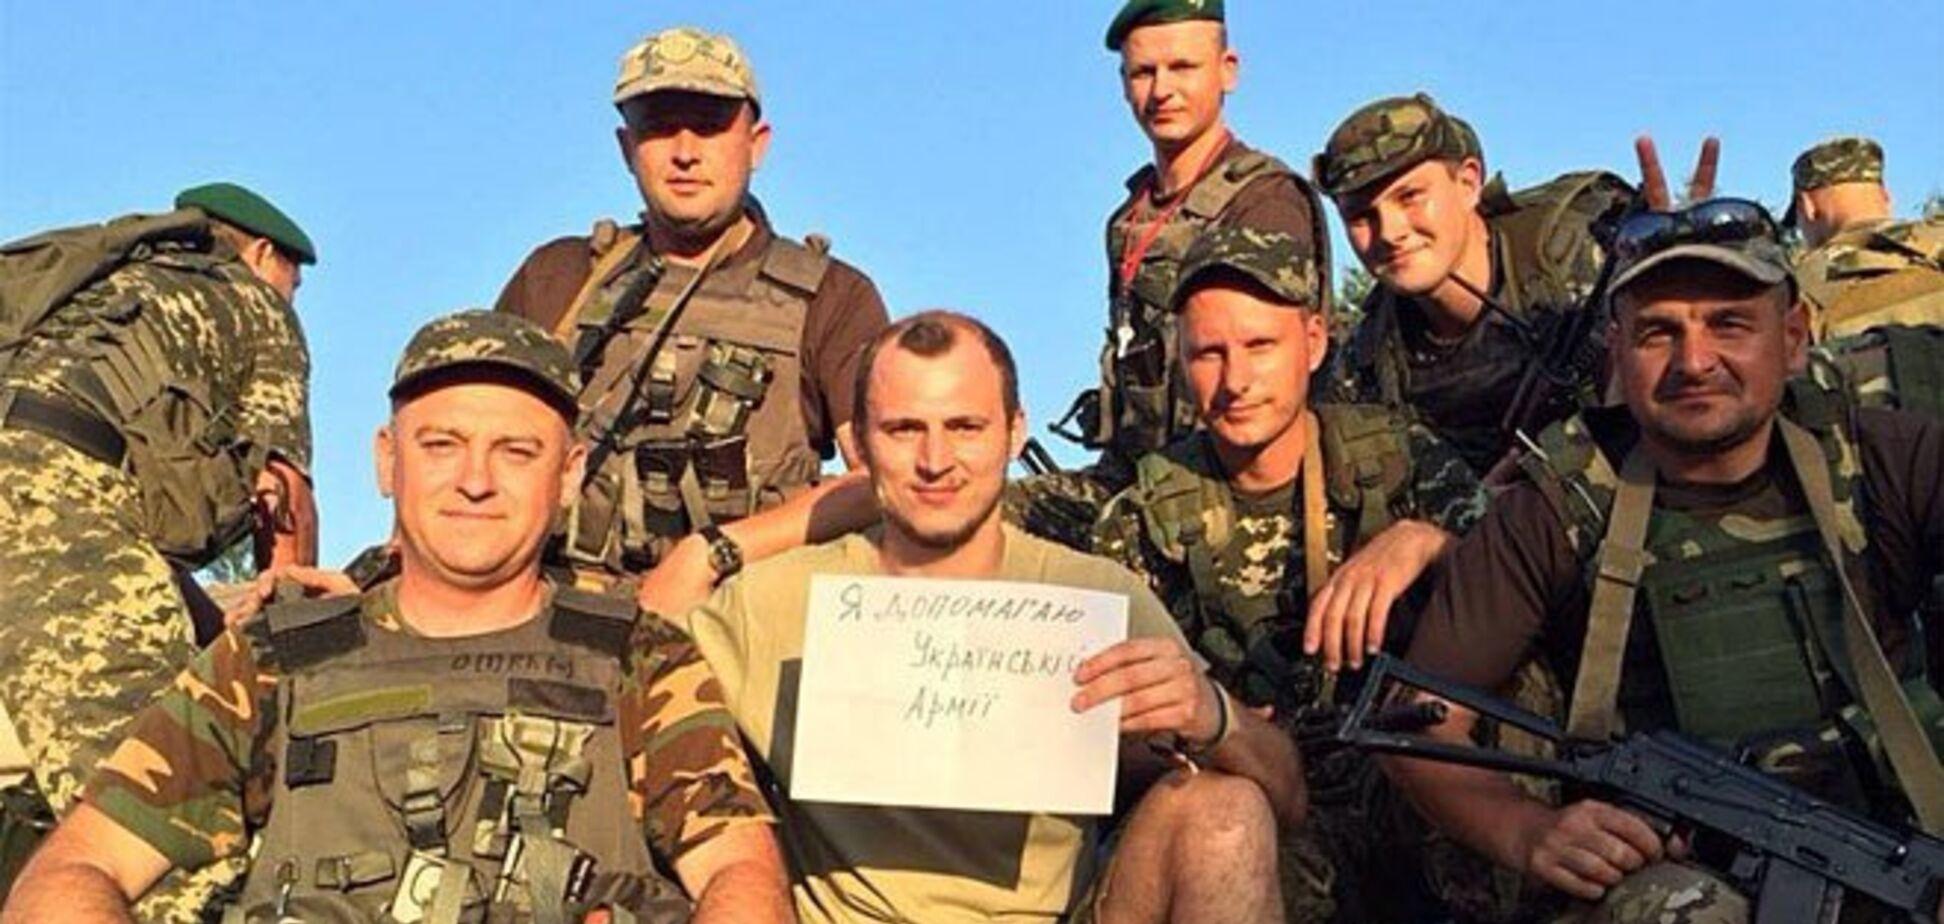 'Я патриот Украины, и это не преступление': Зозуля мощно выступил в Испании